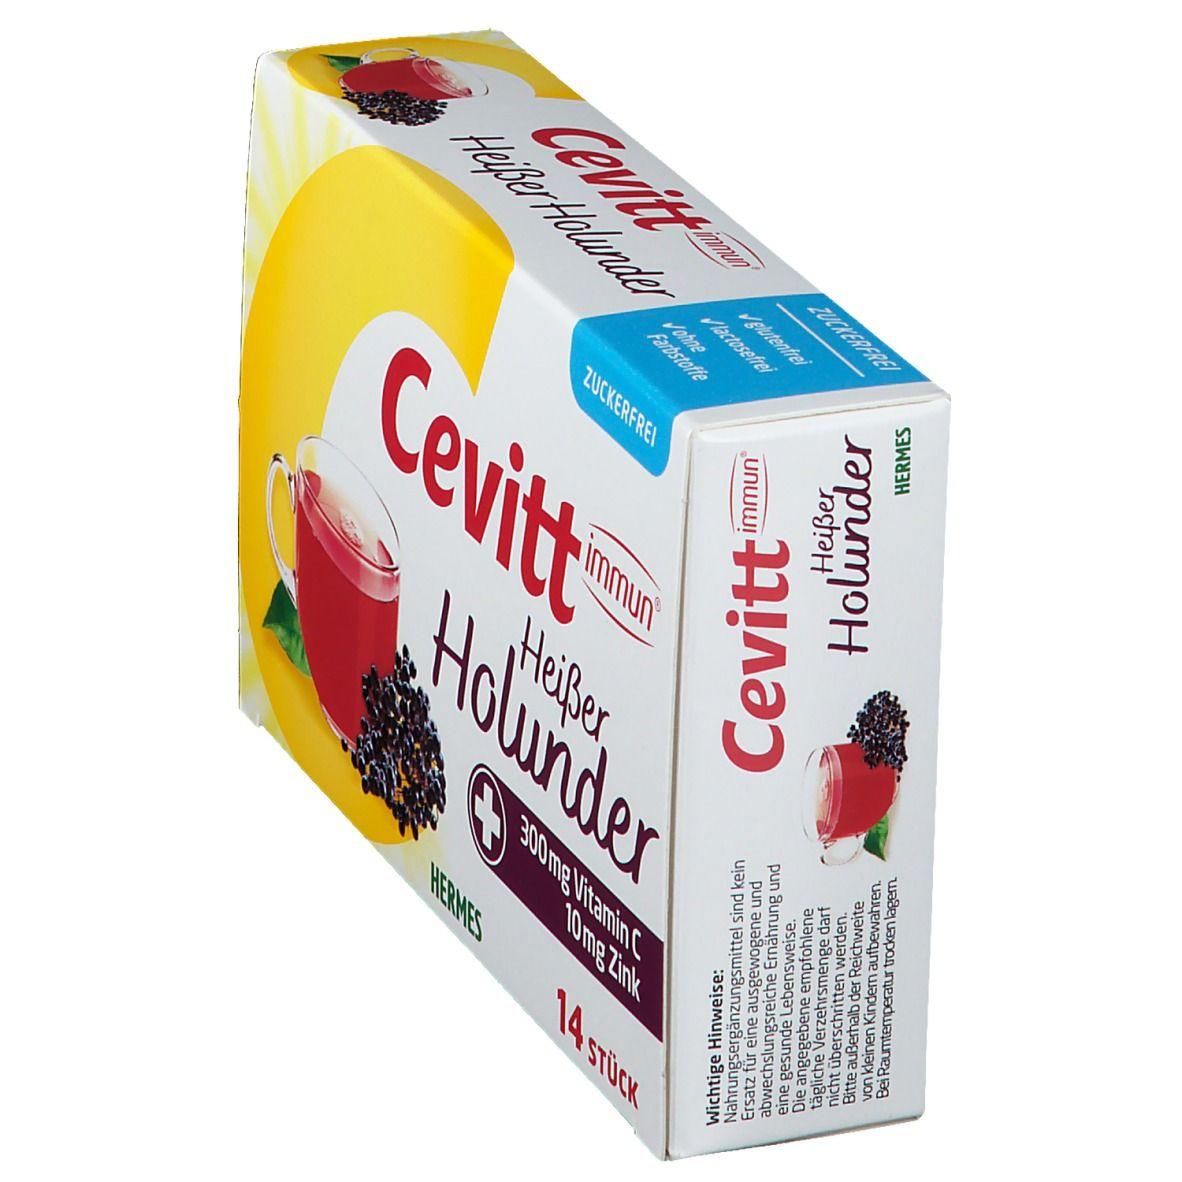 Cevitt immun® heißer Holunder zuckerfrei